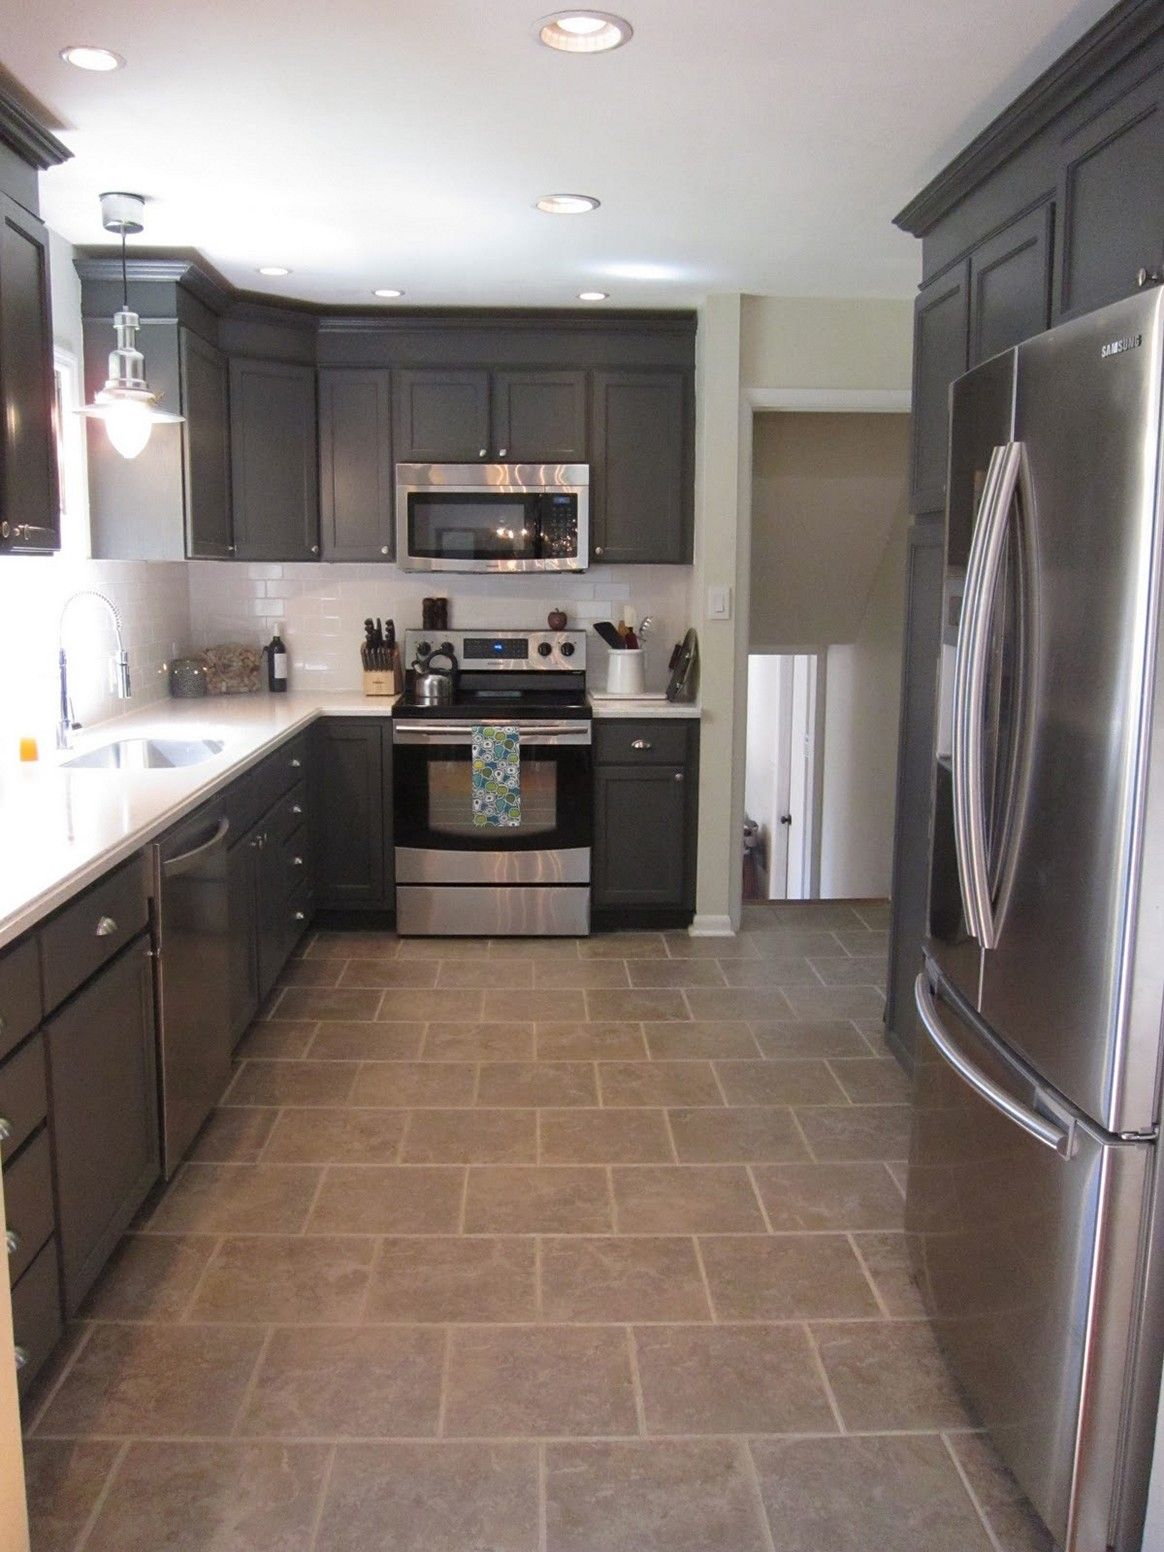 97 Schönen Grau Küche Fotos Design   Wenn Sie Sich In Einer 2 Shop Bauen,  Gewährleisten Sie Den Ofen Nicht Direkt Unter Der Toilette.